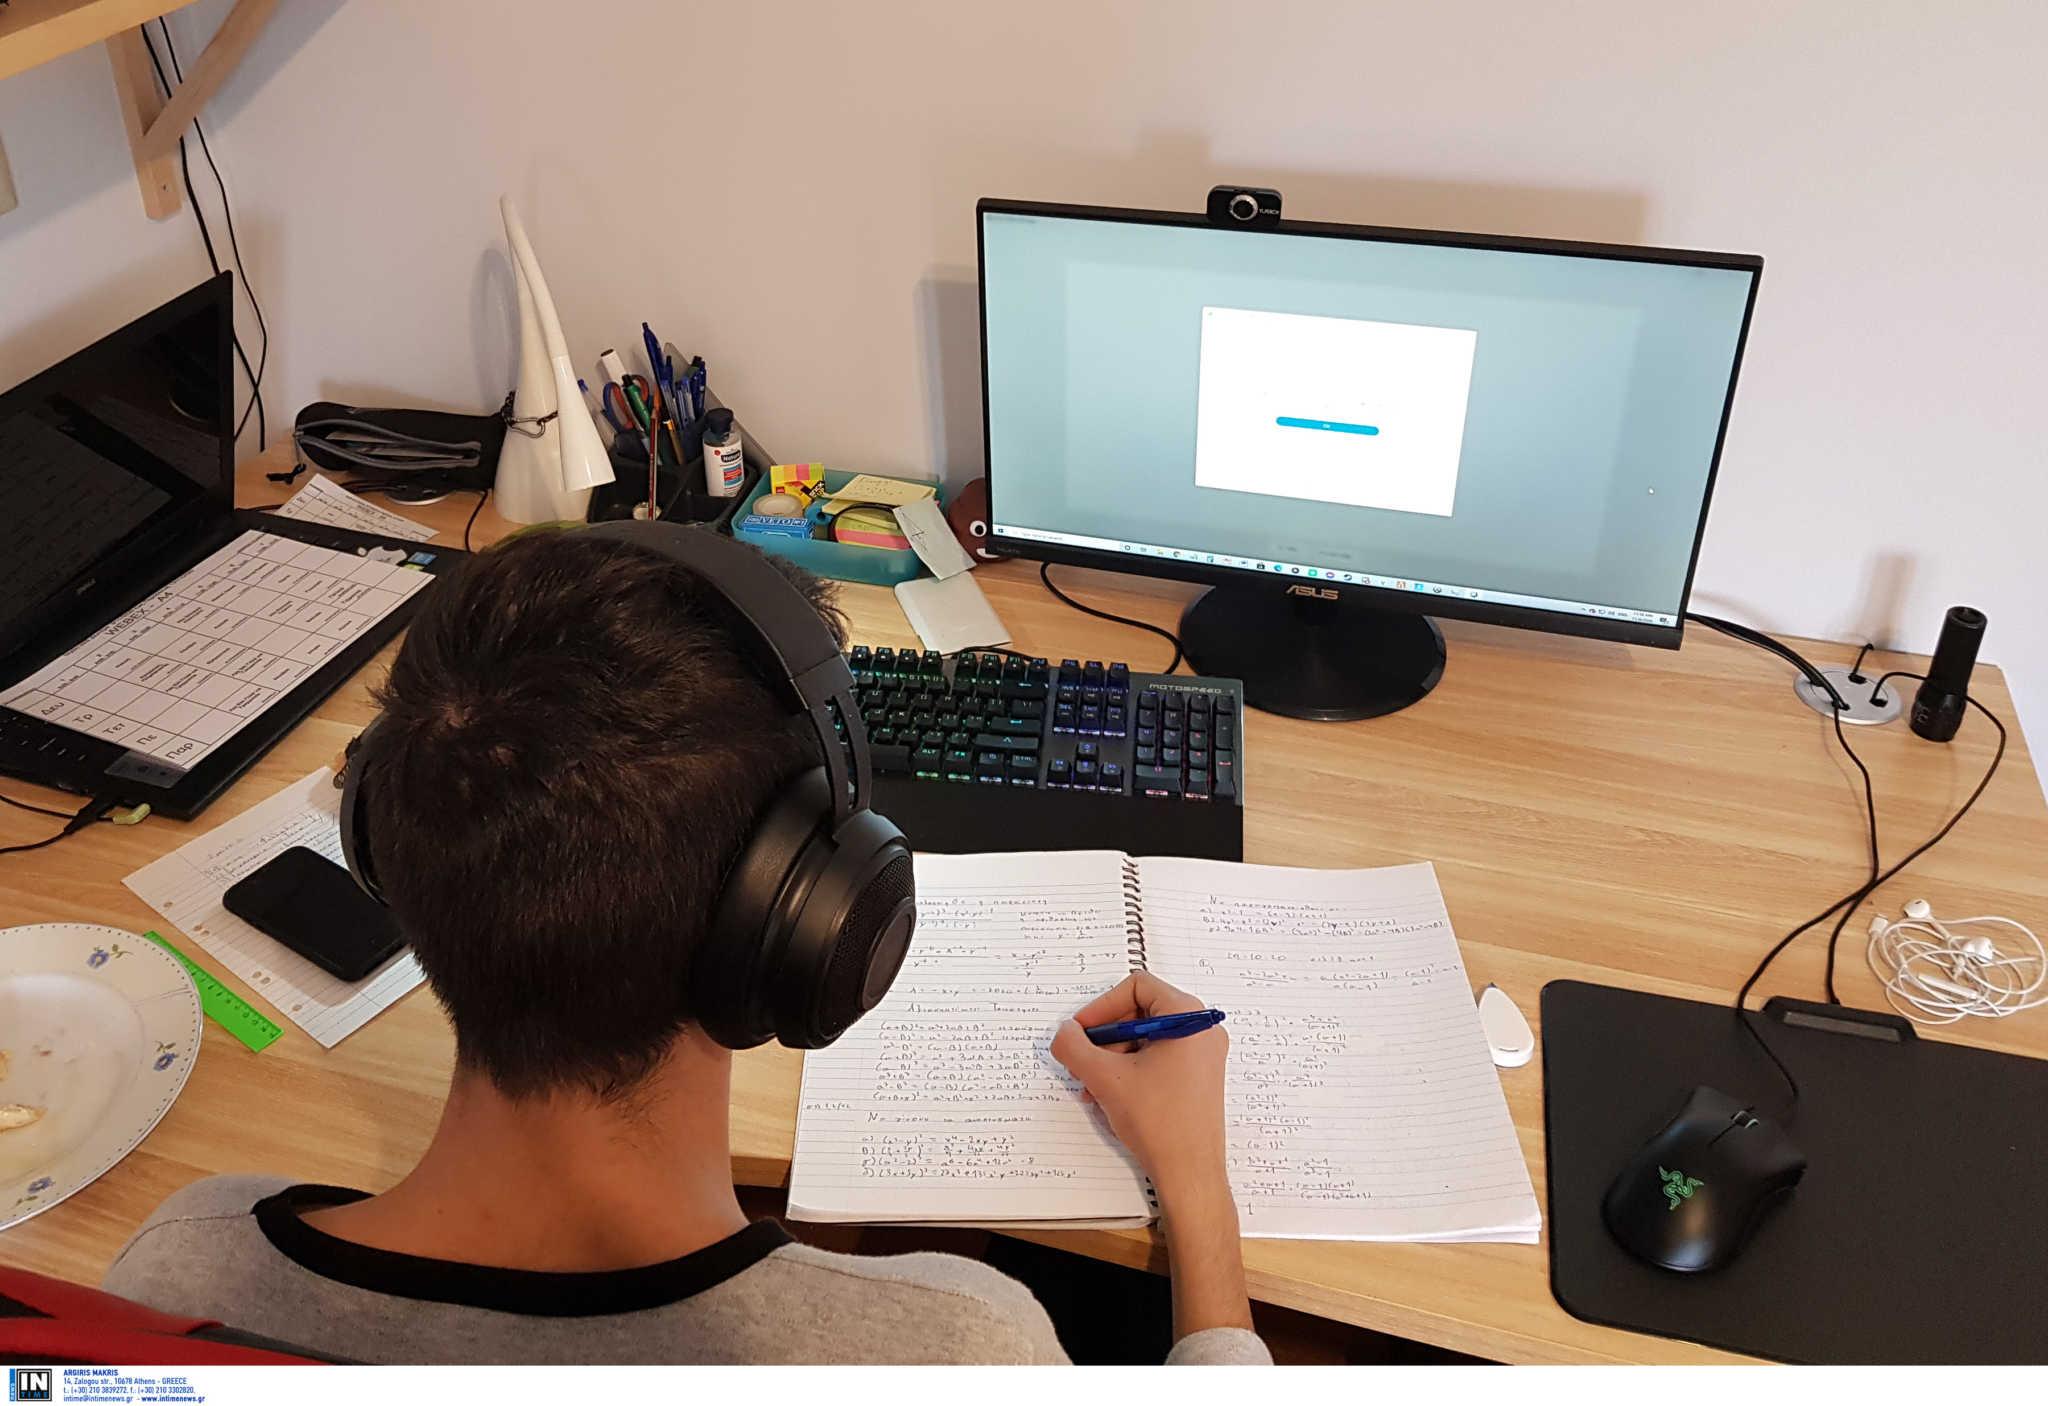 Κύπρος: Παρατείνεται μέχρι τις 10 Ιανουαρίου η τηλεκπαίδευση για σχολεία και πανεπιστήμια